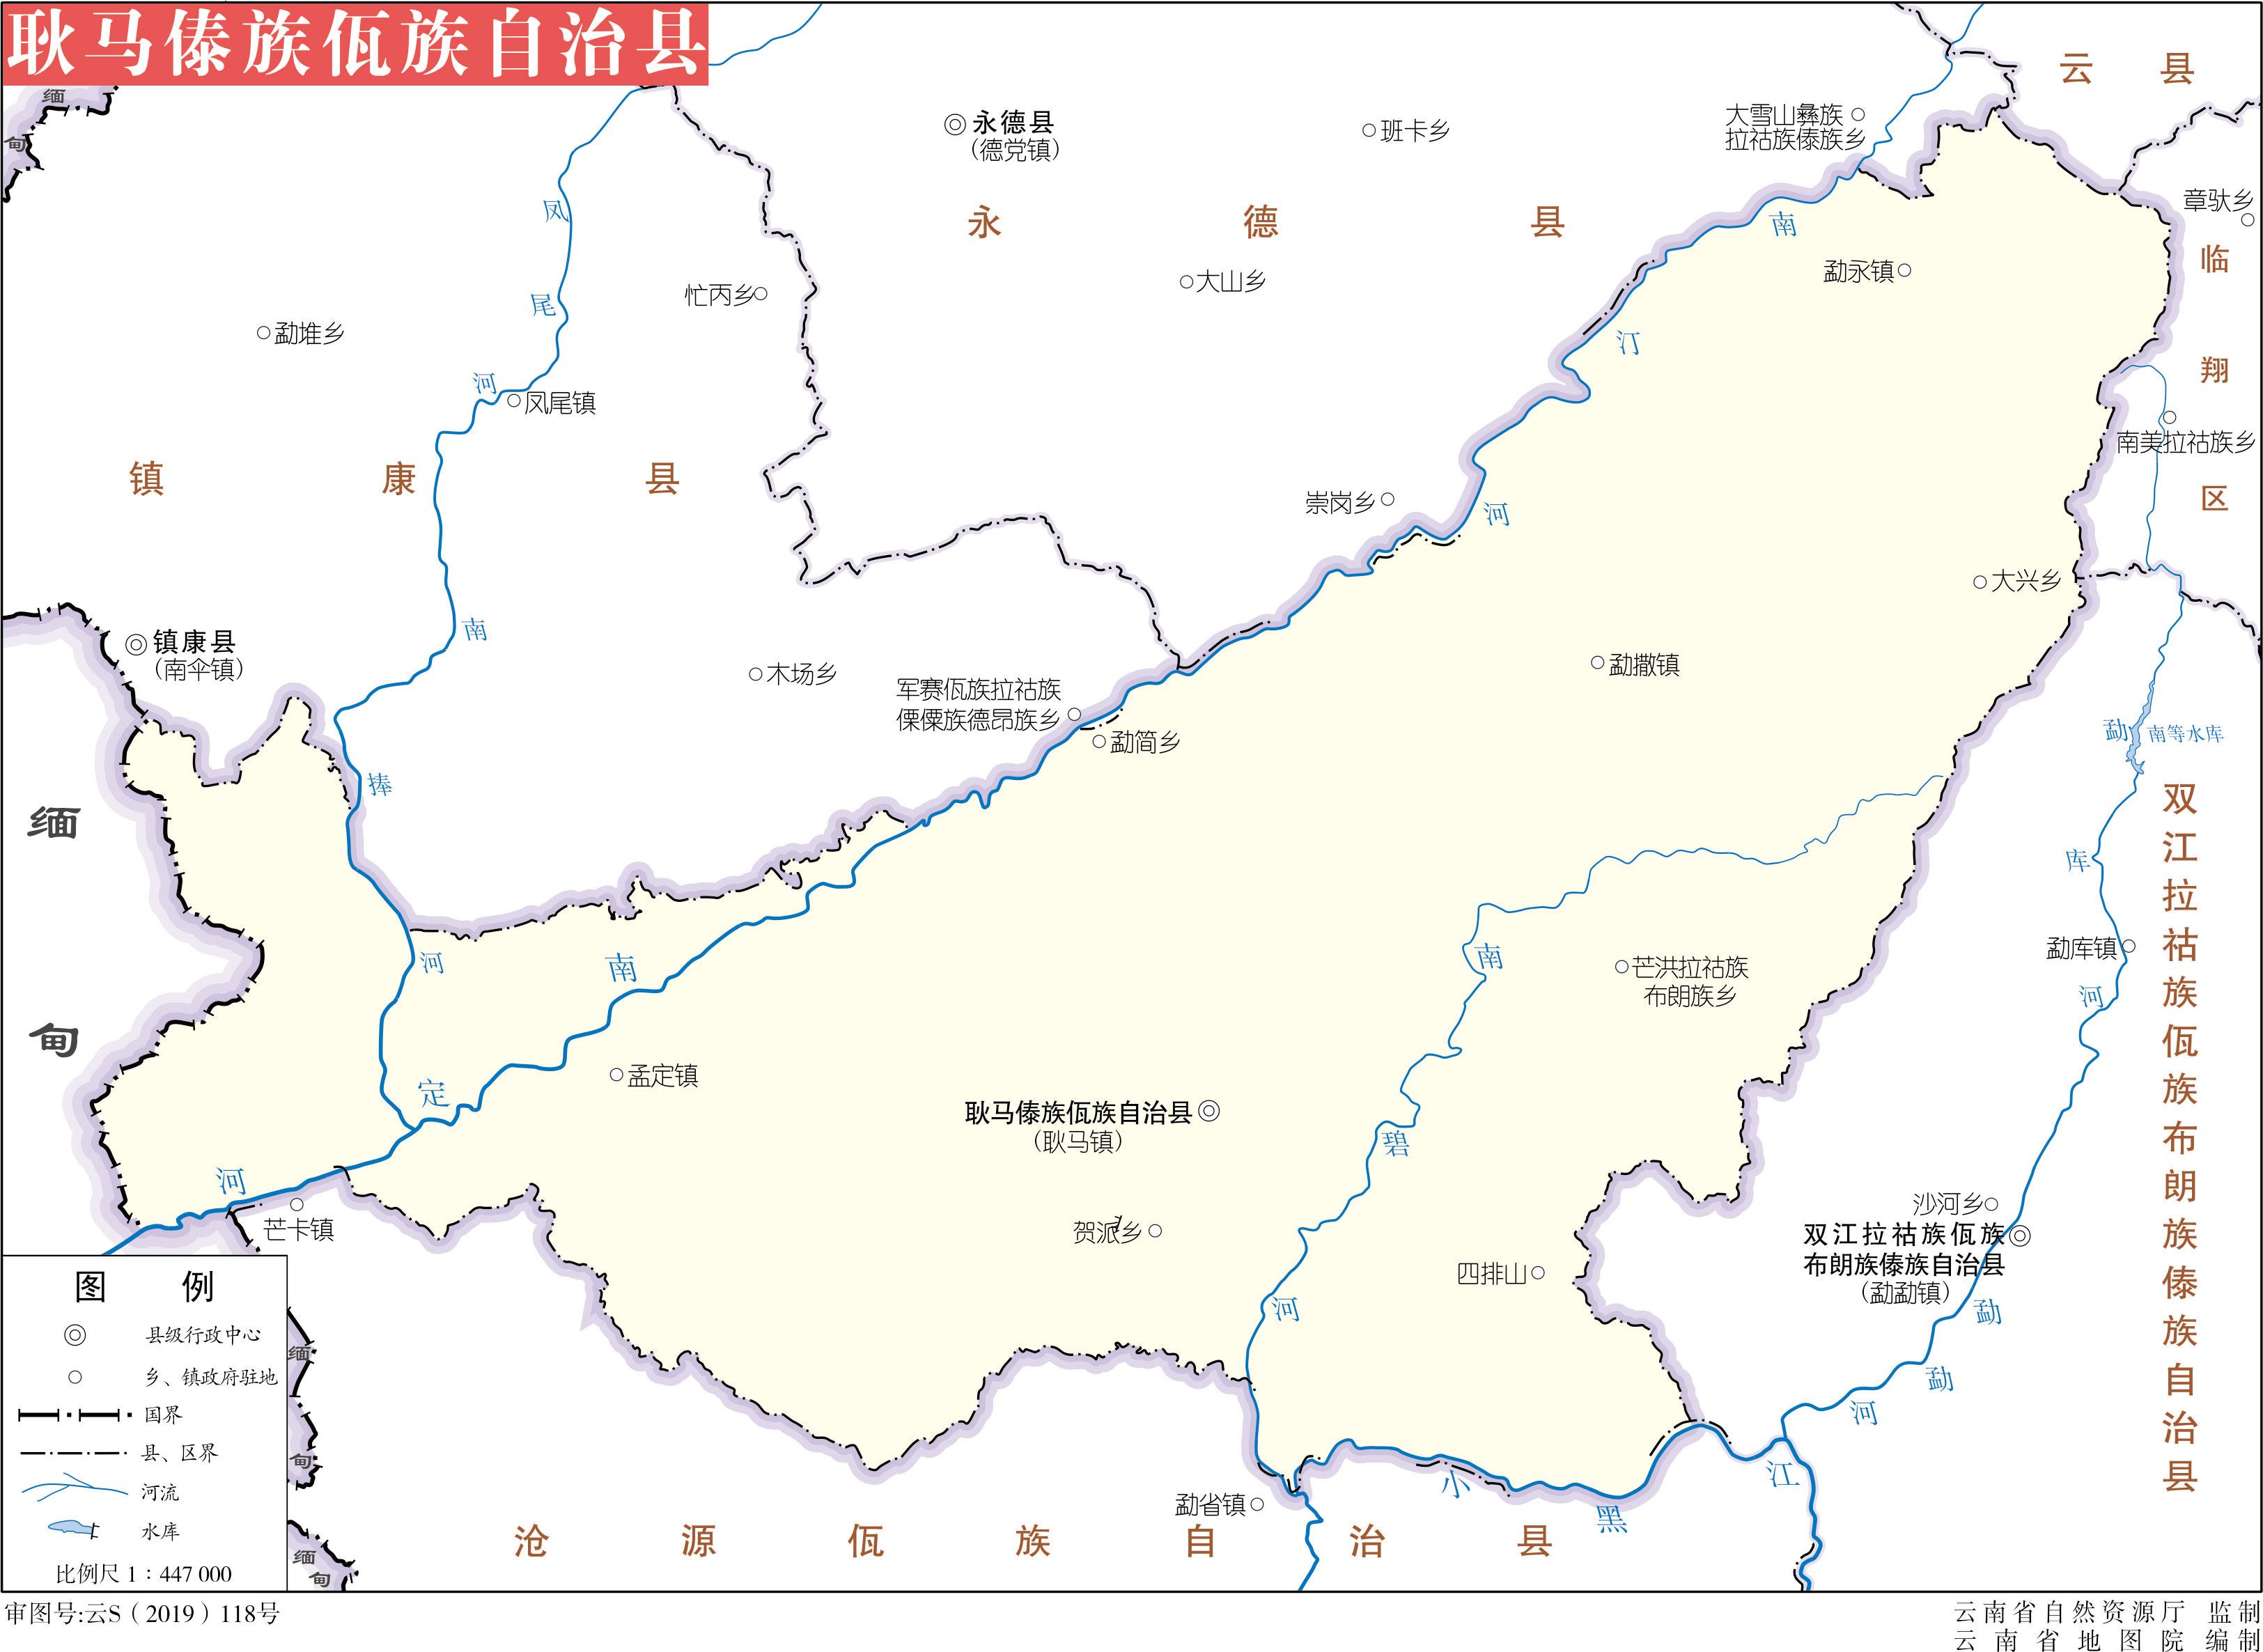 耿马县gdp_耿马县地图